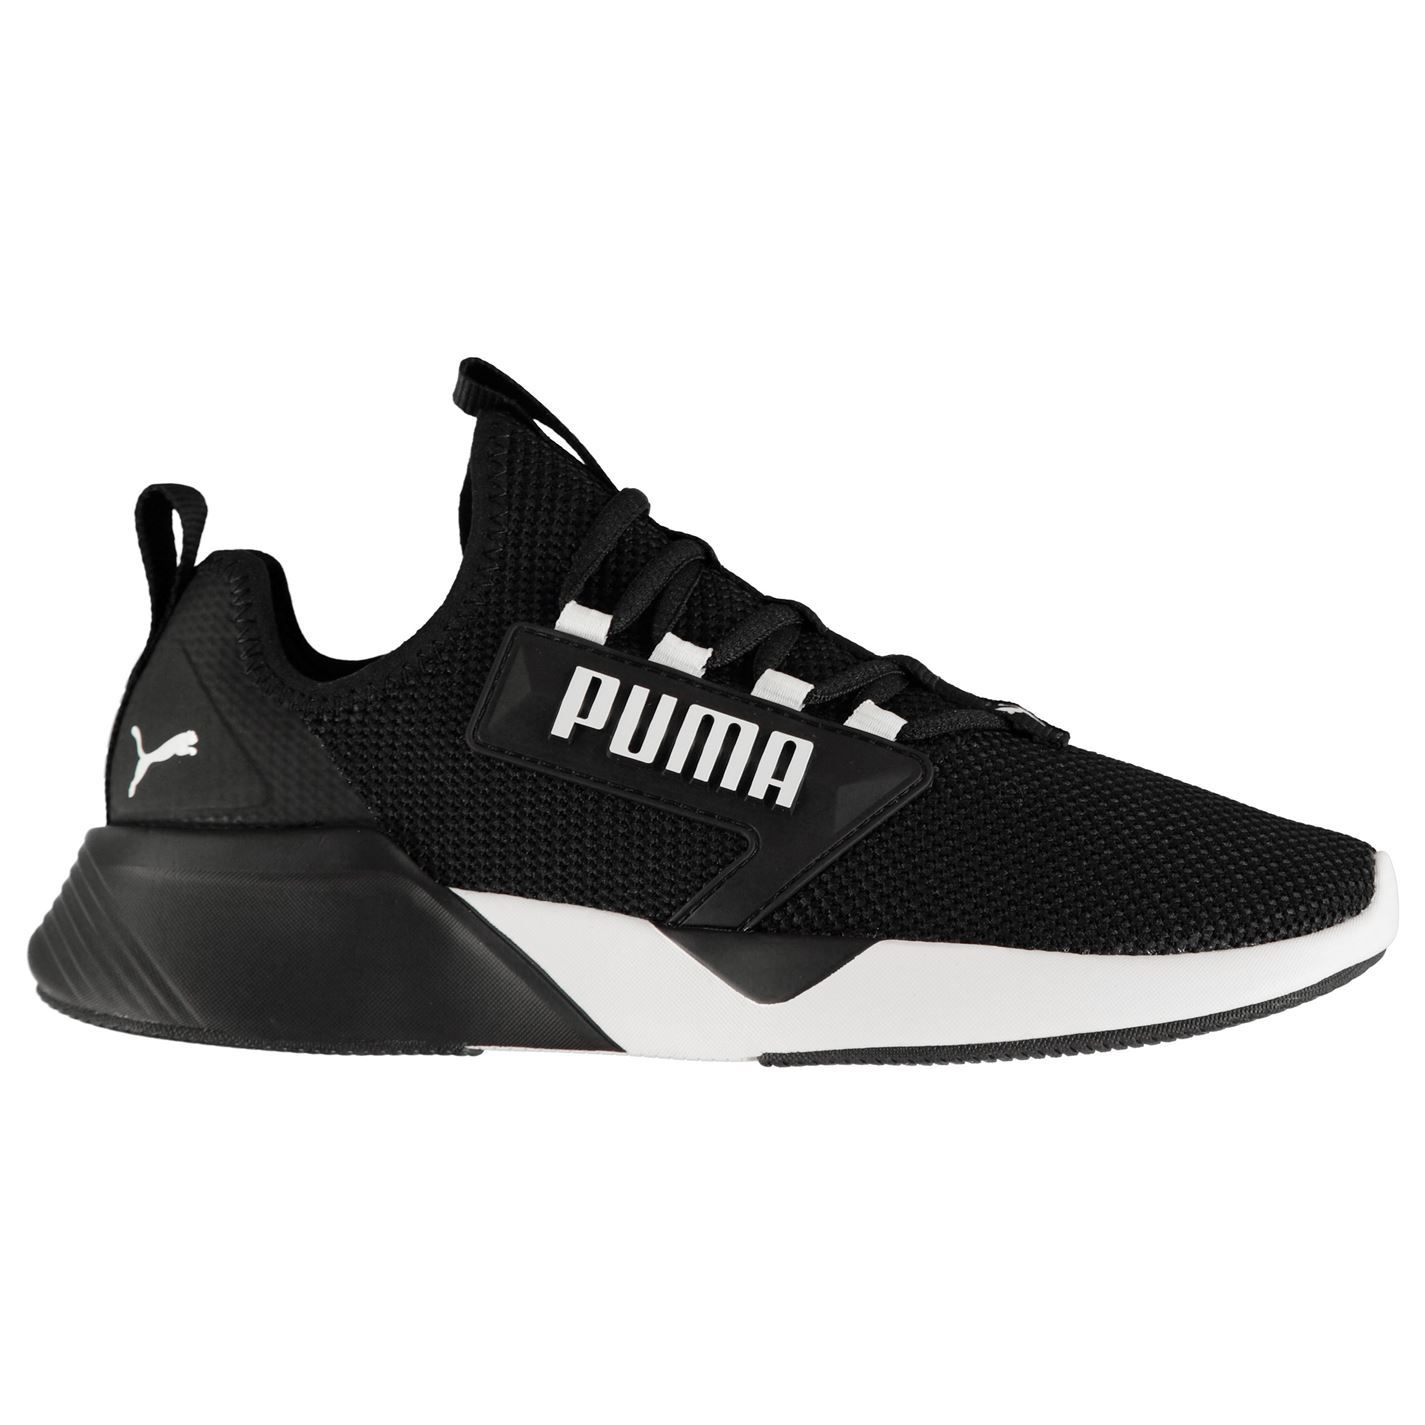 Retaliate Hombre Running Zapatillas Fitness Trote Puma BSqWRnwS4